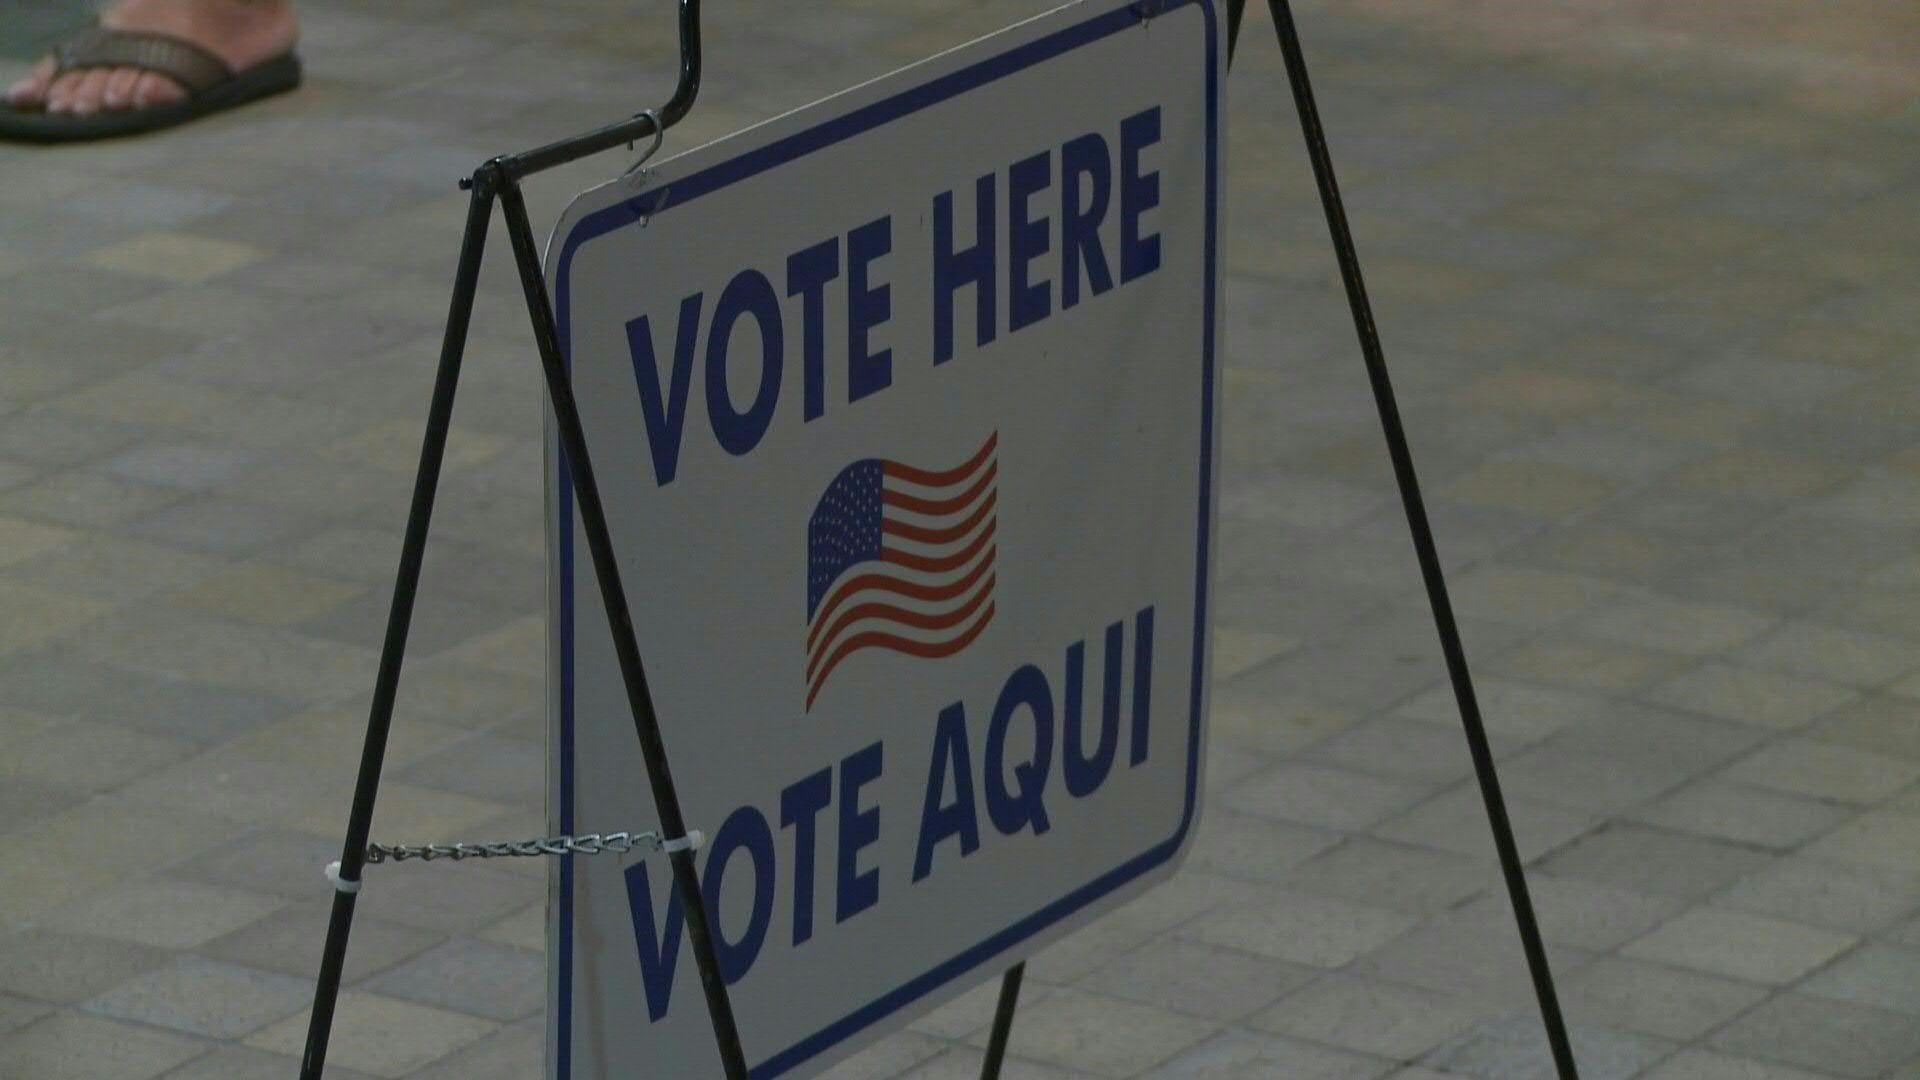 Millones de estadounidenses están llamados a las urnas en las primarias demócratas del martes, en las que domina Joe Biden frente a Bernie Sanders, excepto Ohio que canceló a última hora su participación por temor a la propagación del coronavirus.